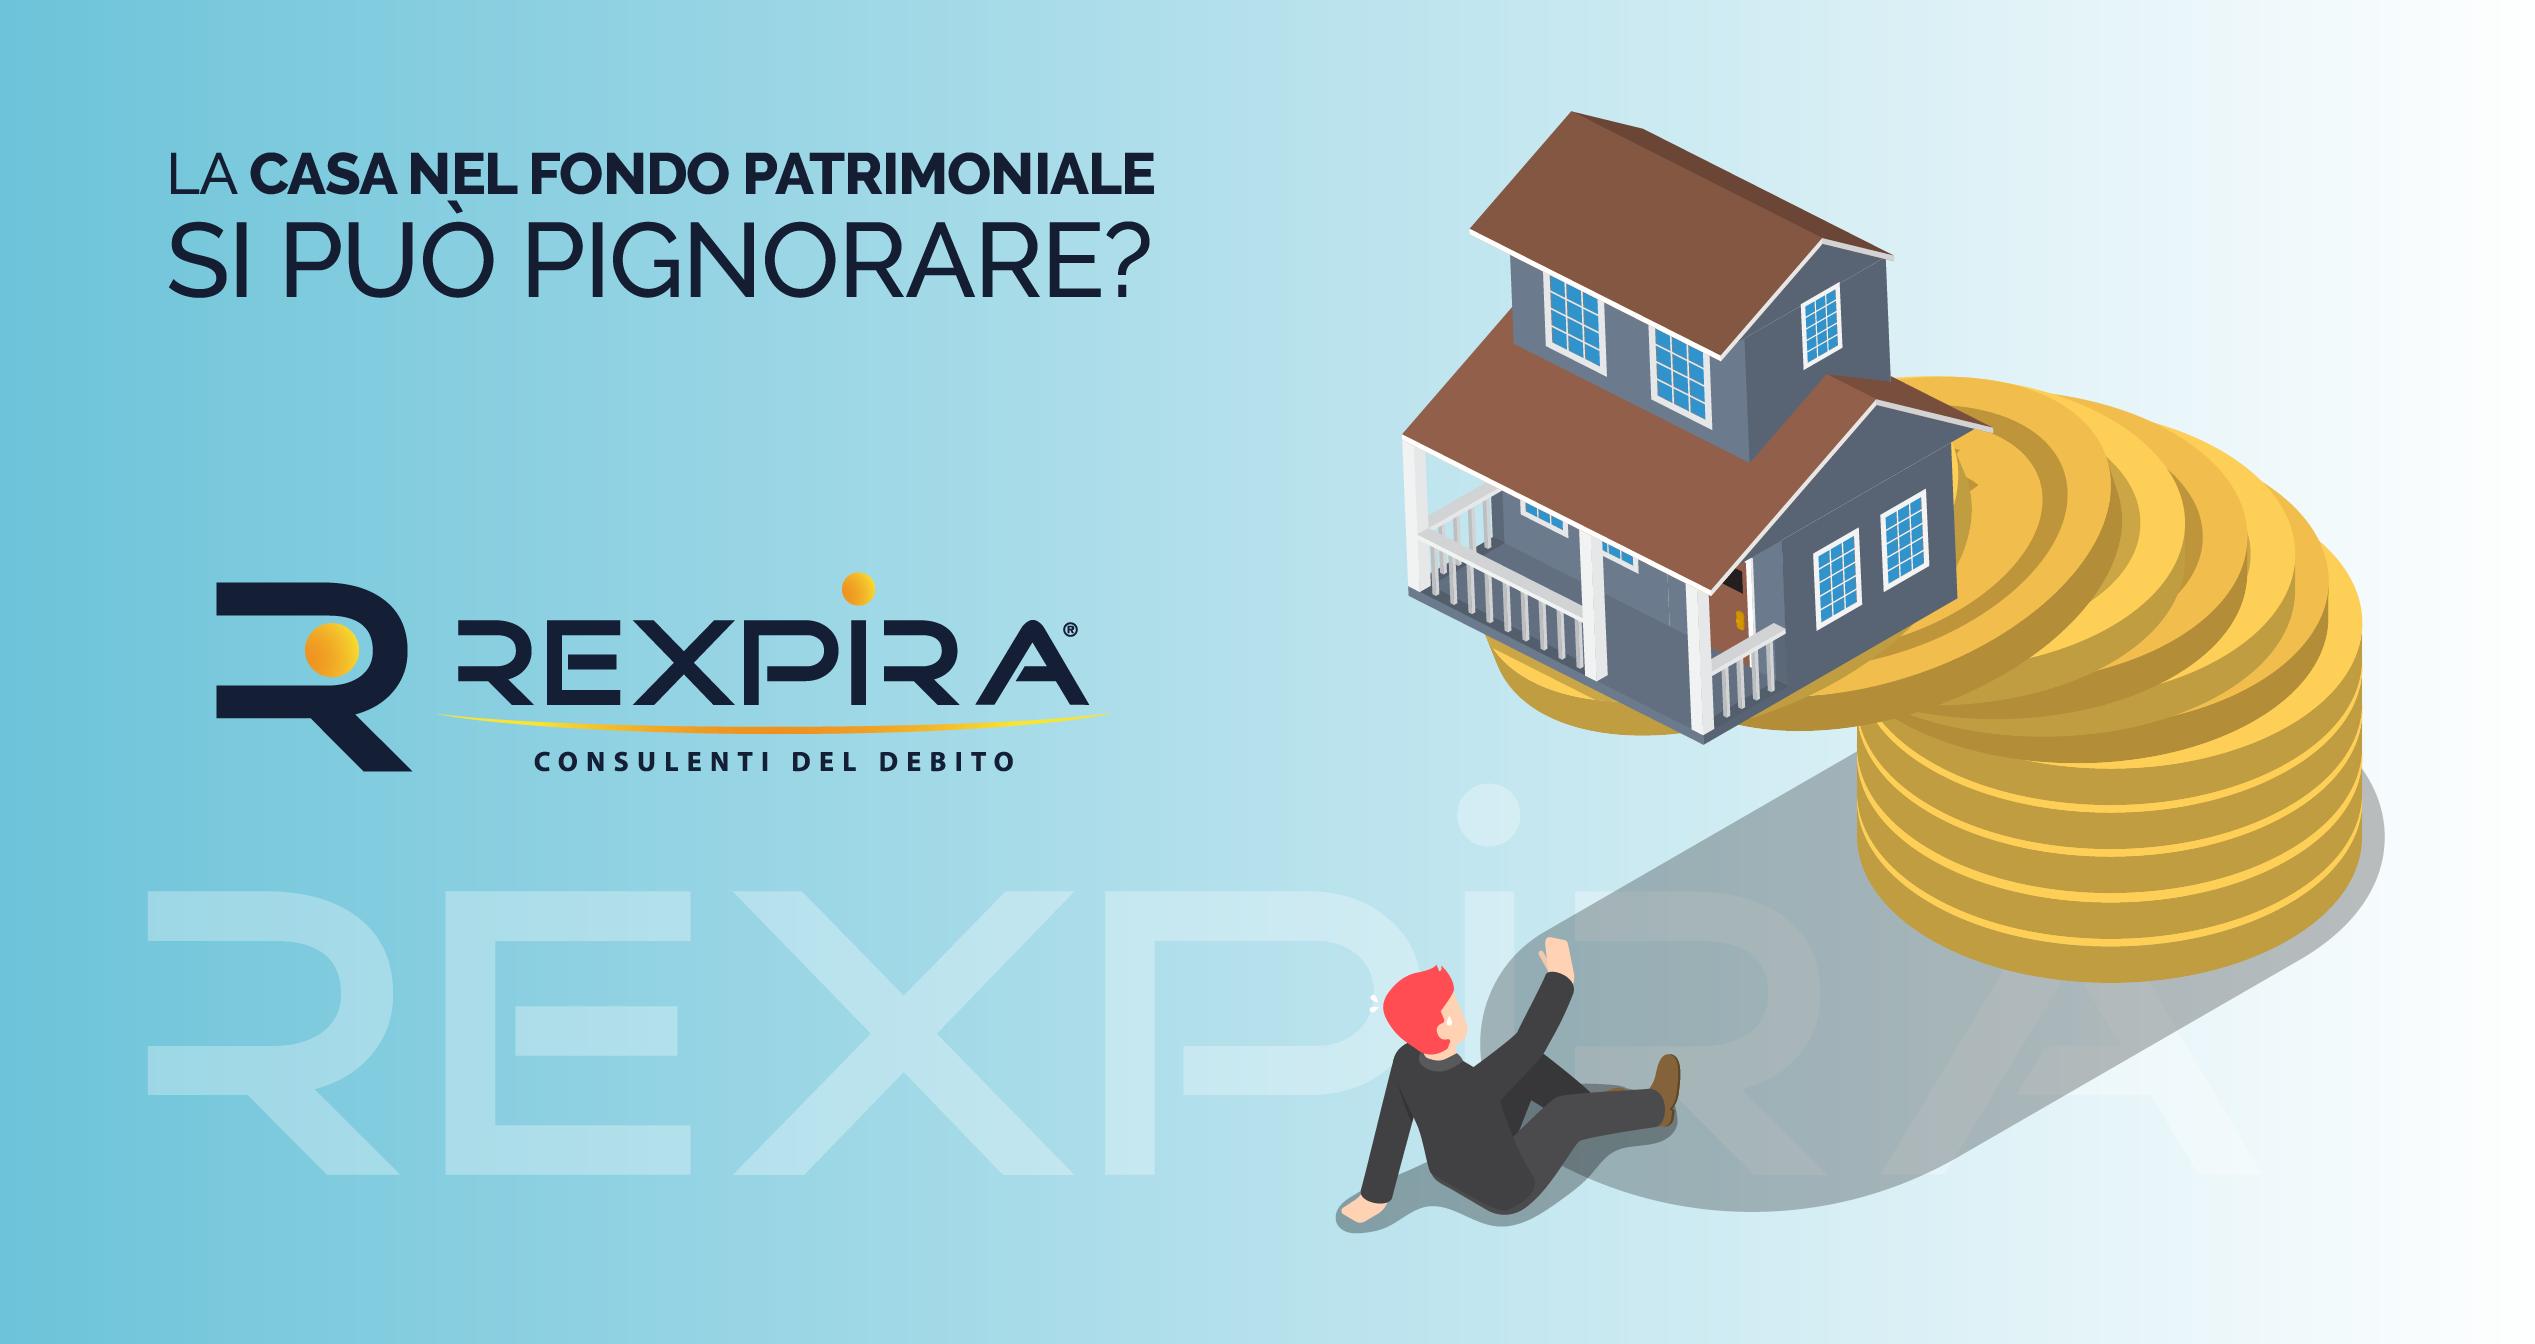 Pignoramento della casa: si può fare anche se è nel fondo patrimoniale?